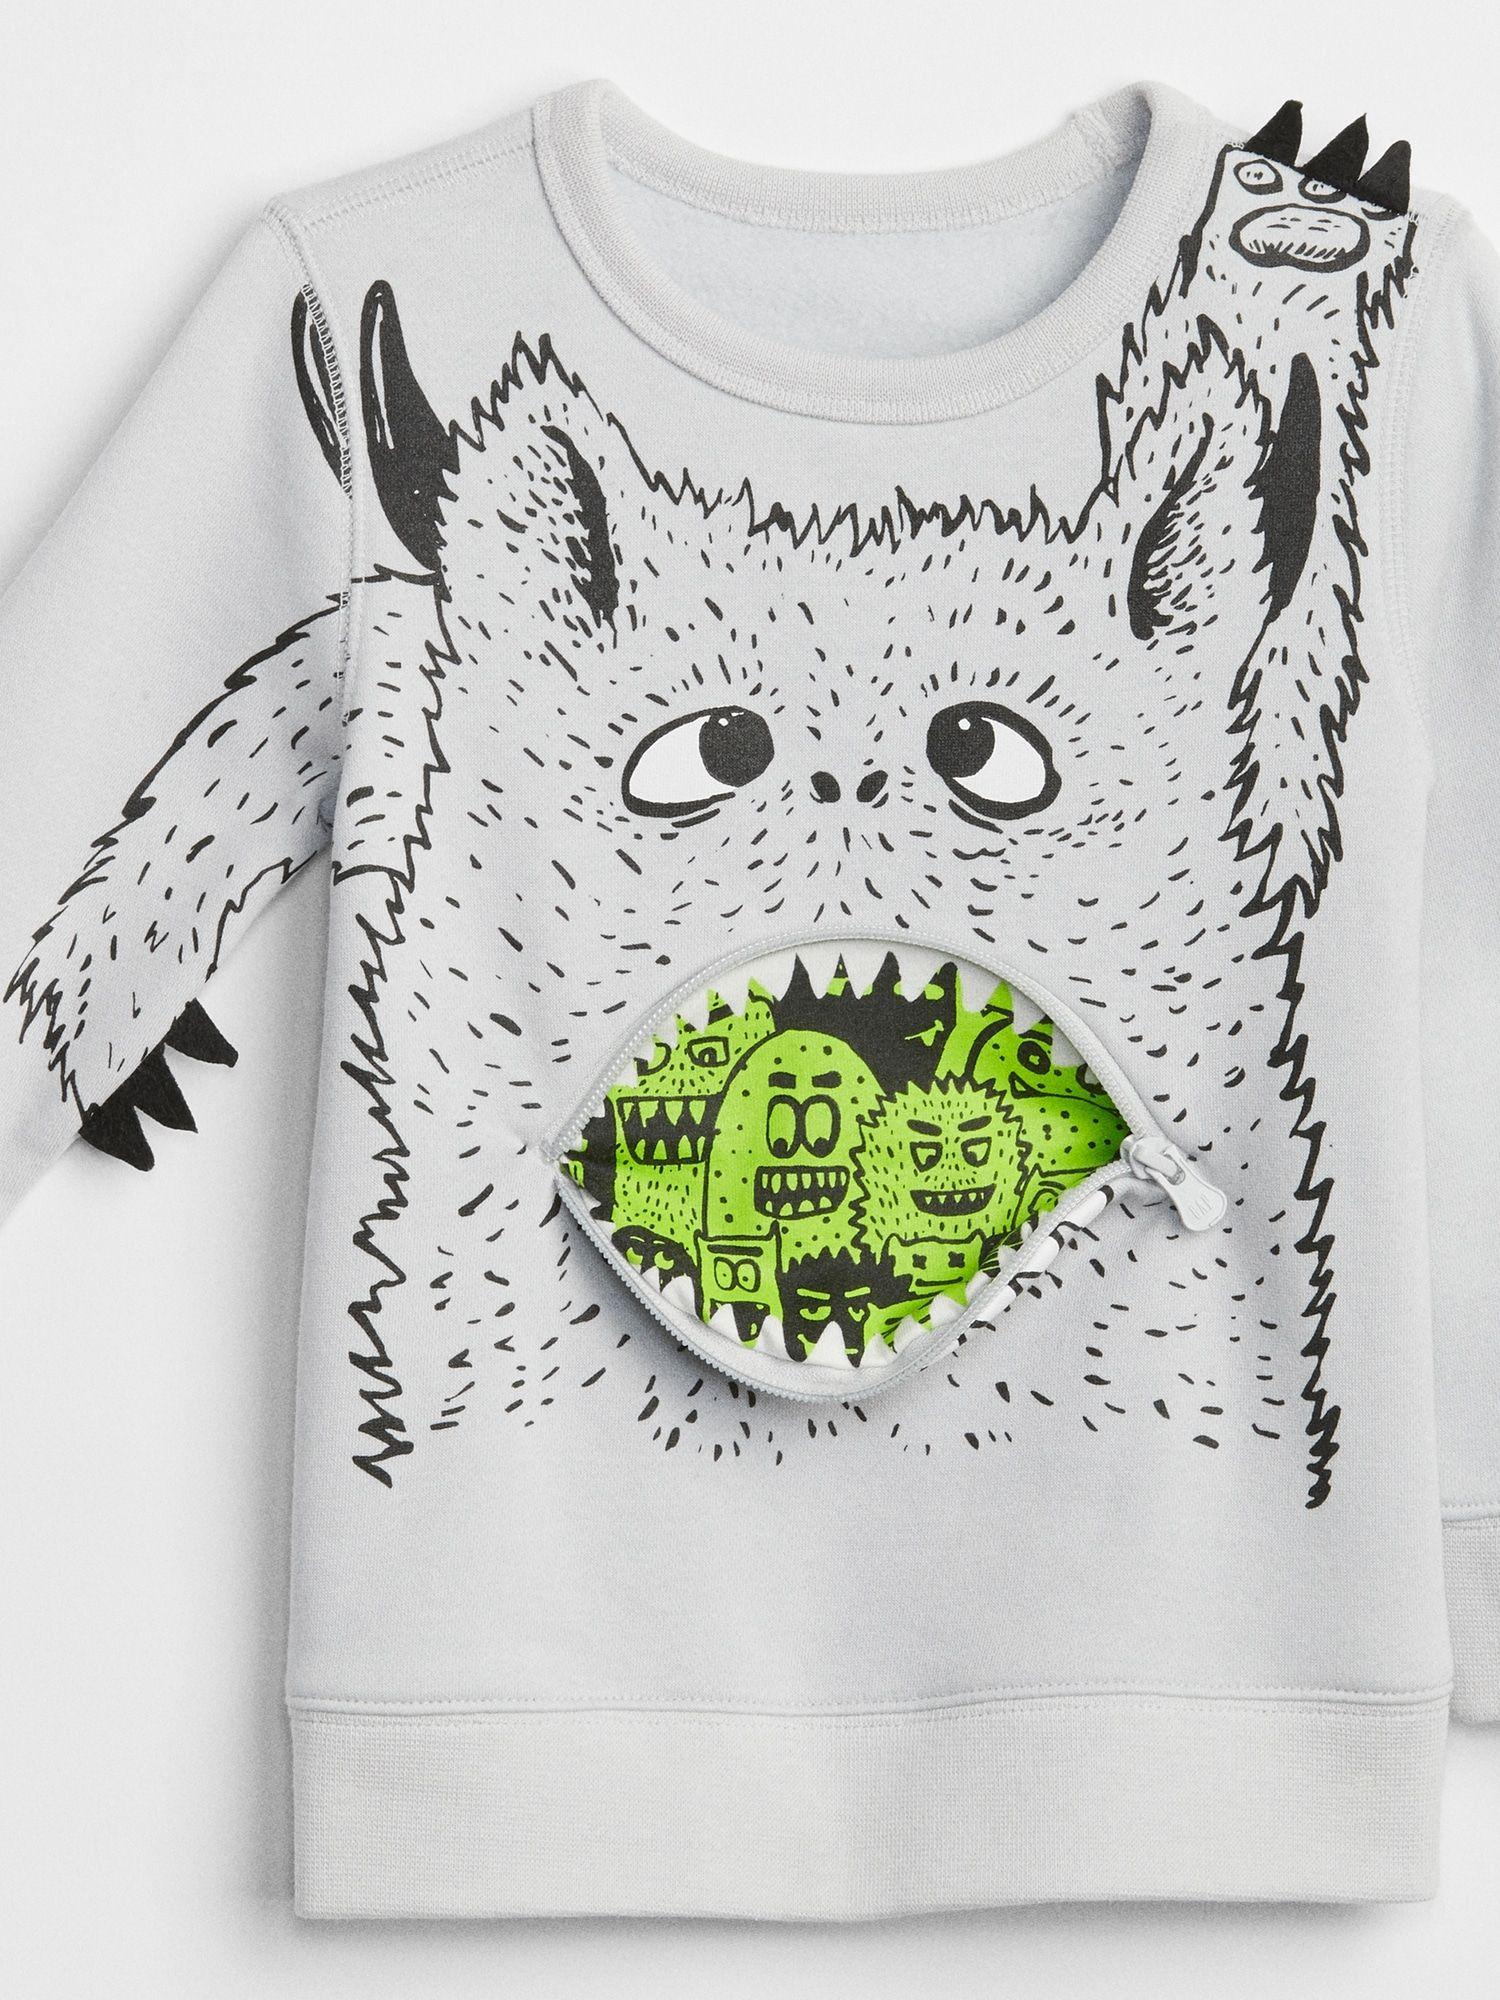 3D Graphic Sweatshirt 26.95 Gap Halloween 2018